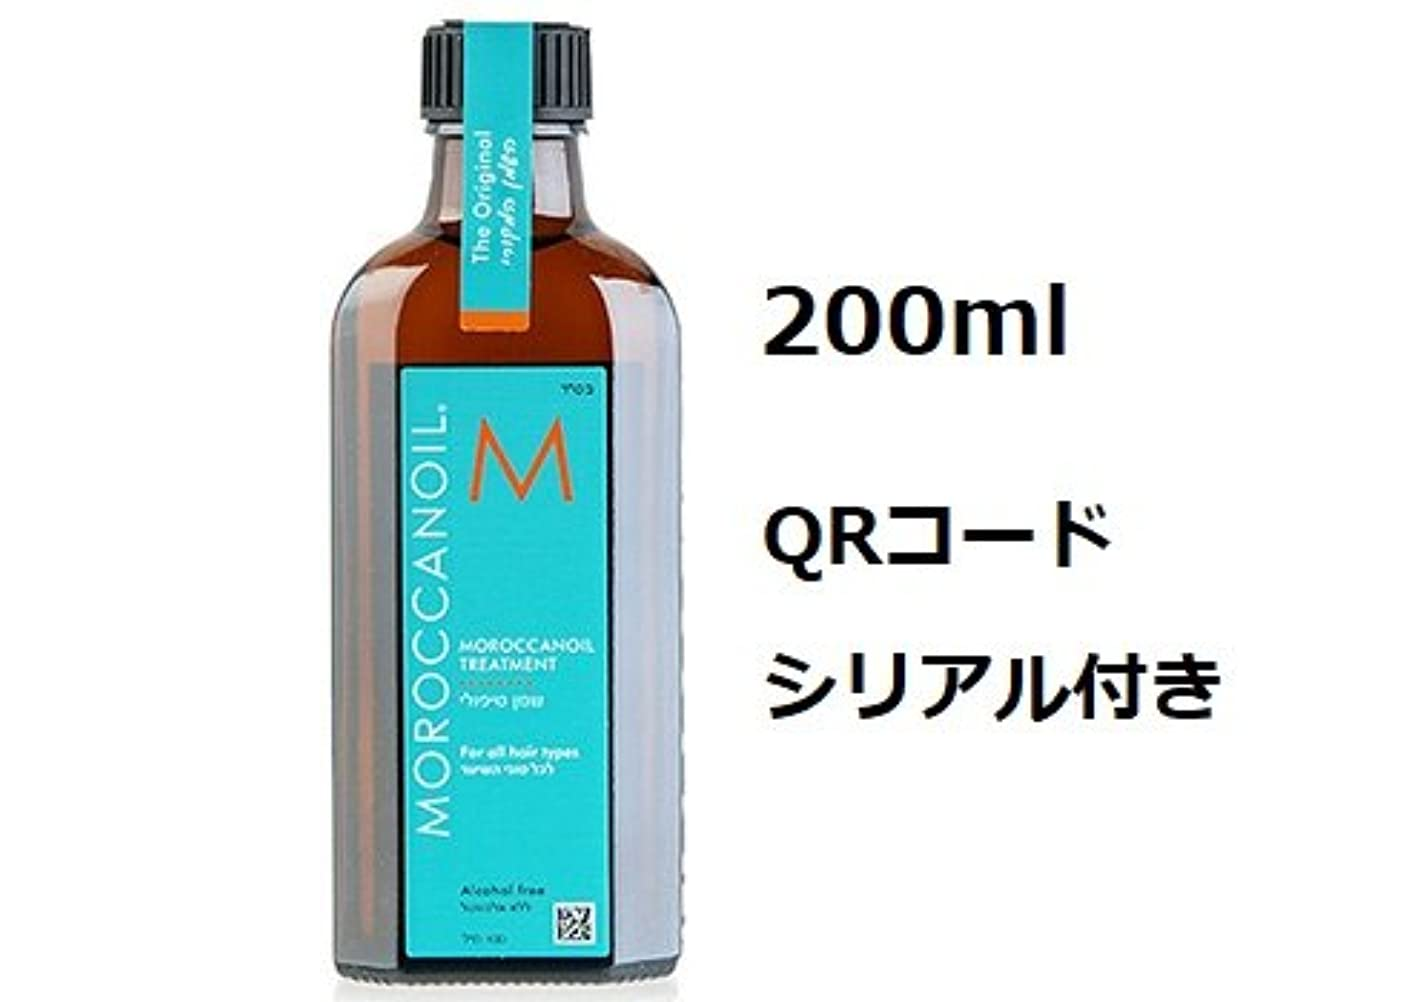 最後の適応意味のある【モロッカンオイル 200ml】QRコード付き?正規品 ※ロゴ袋付きノーマルタイプ 業務用